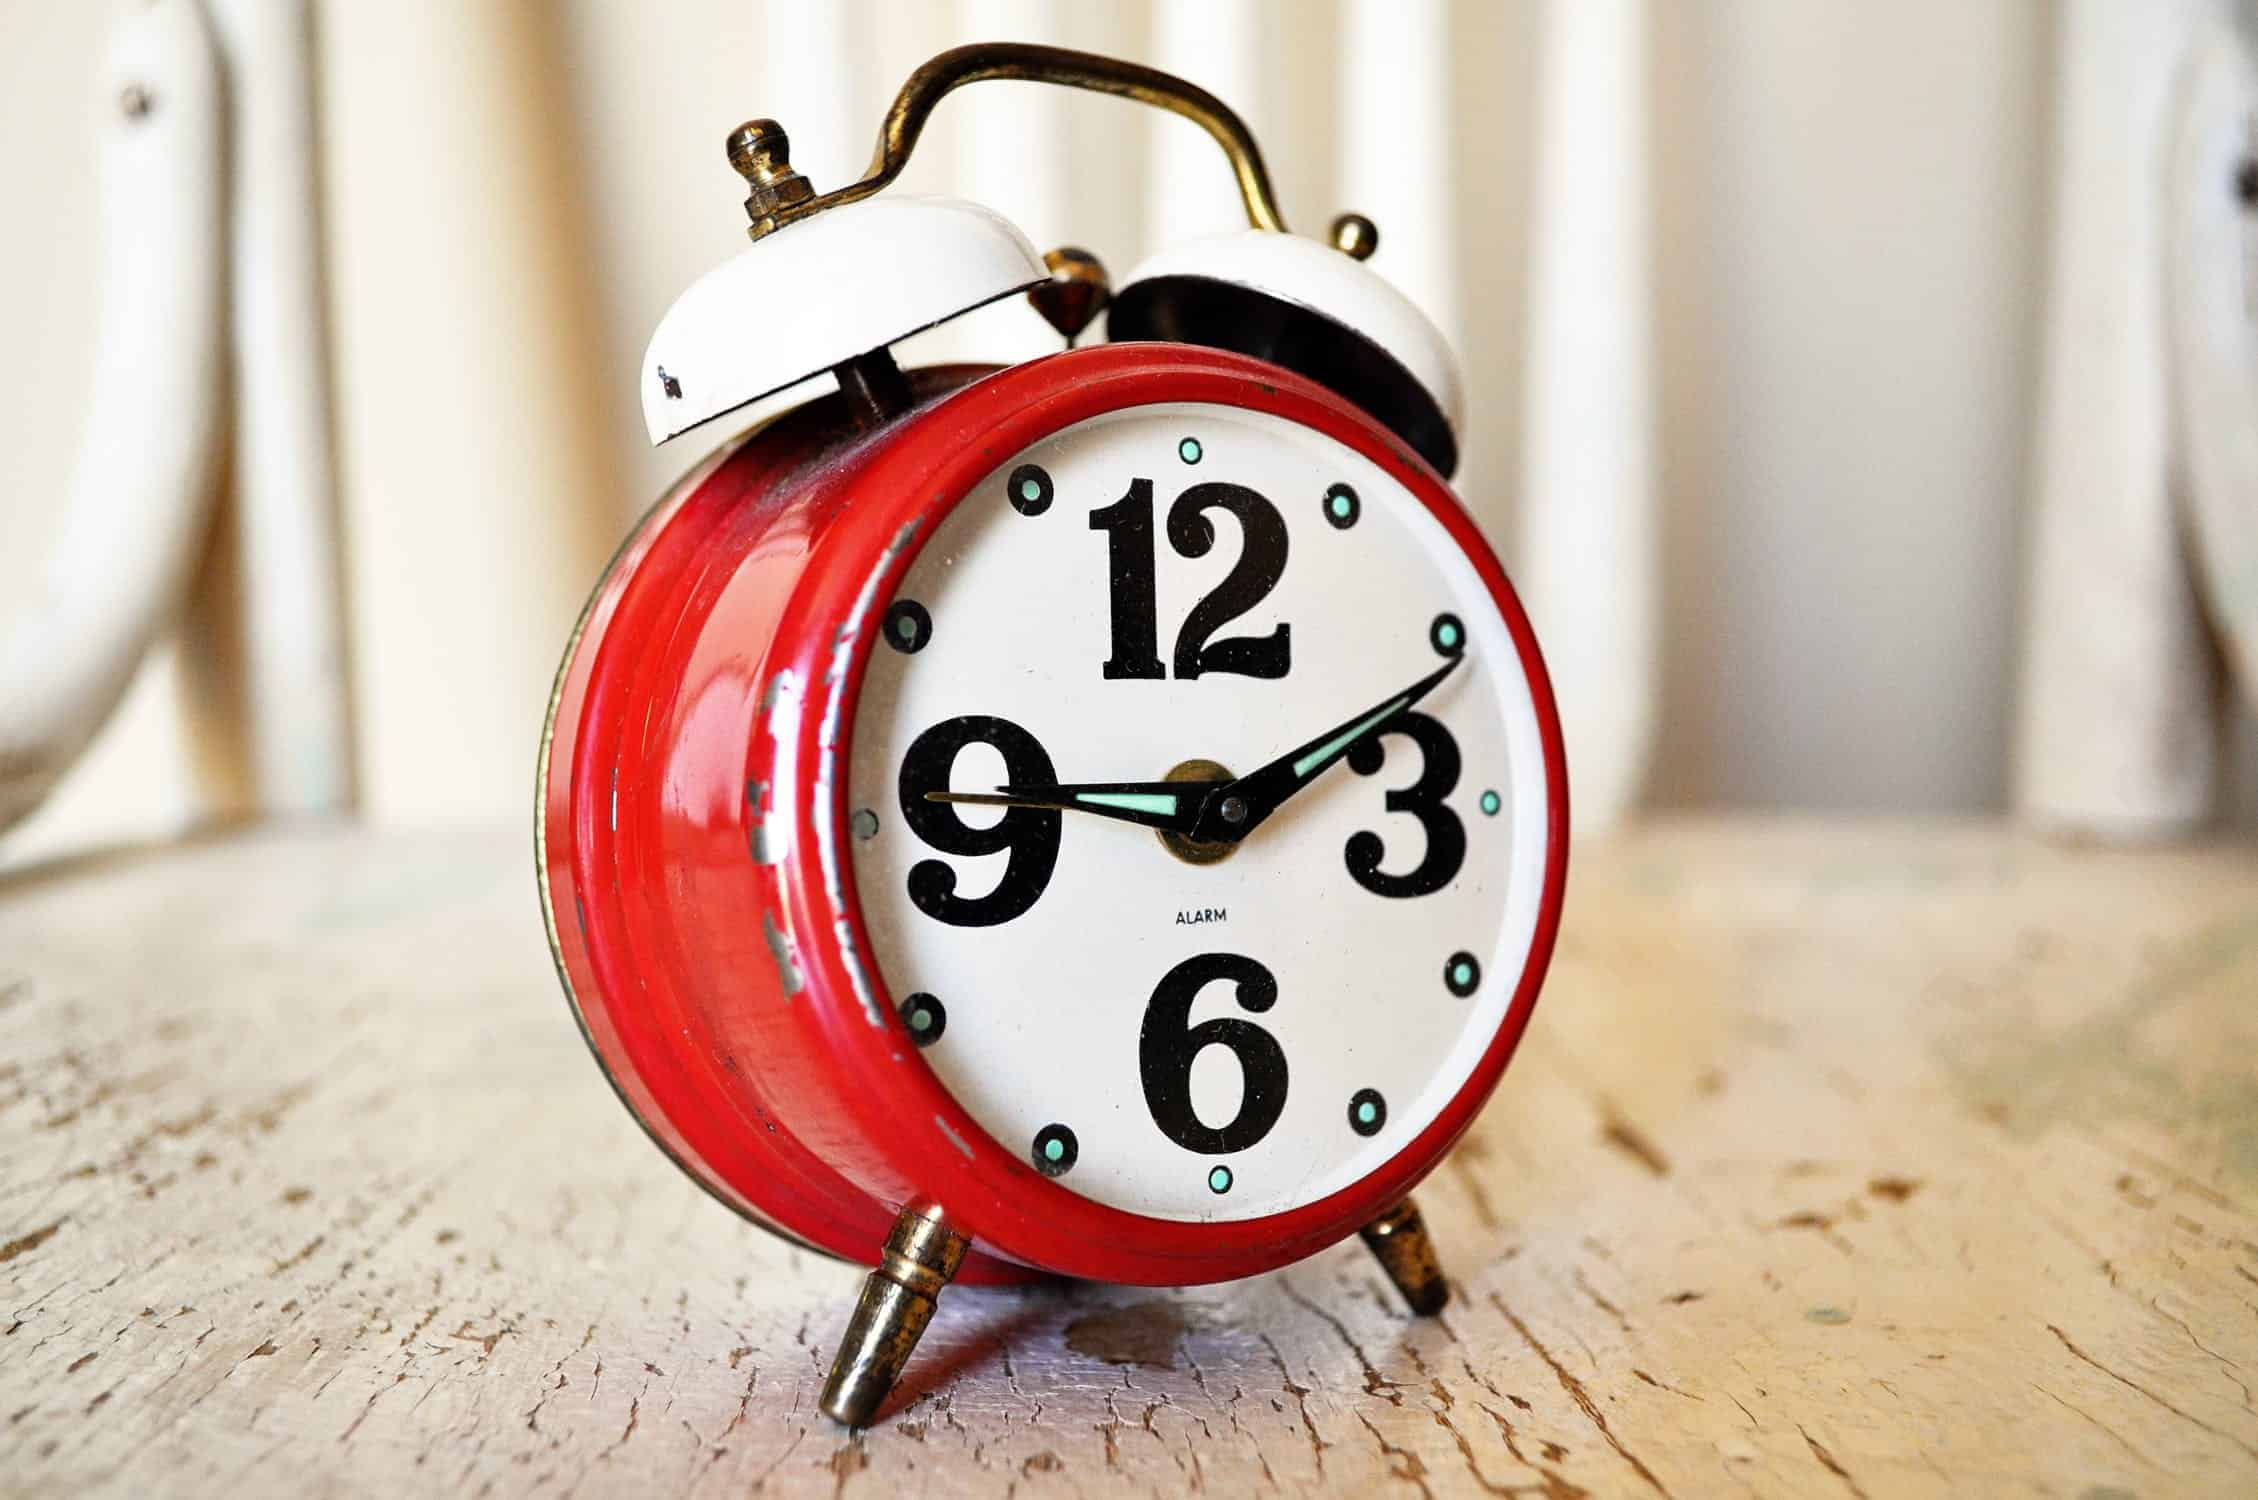 pomodoro technique workplace stress clock